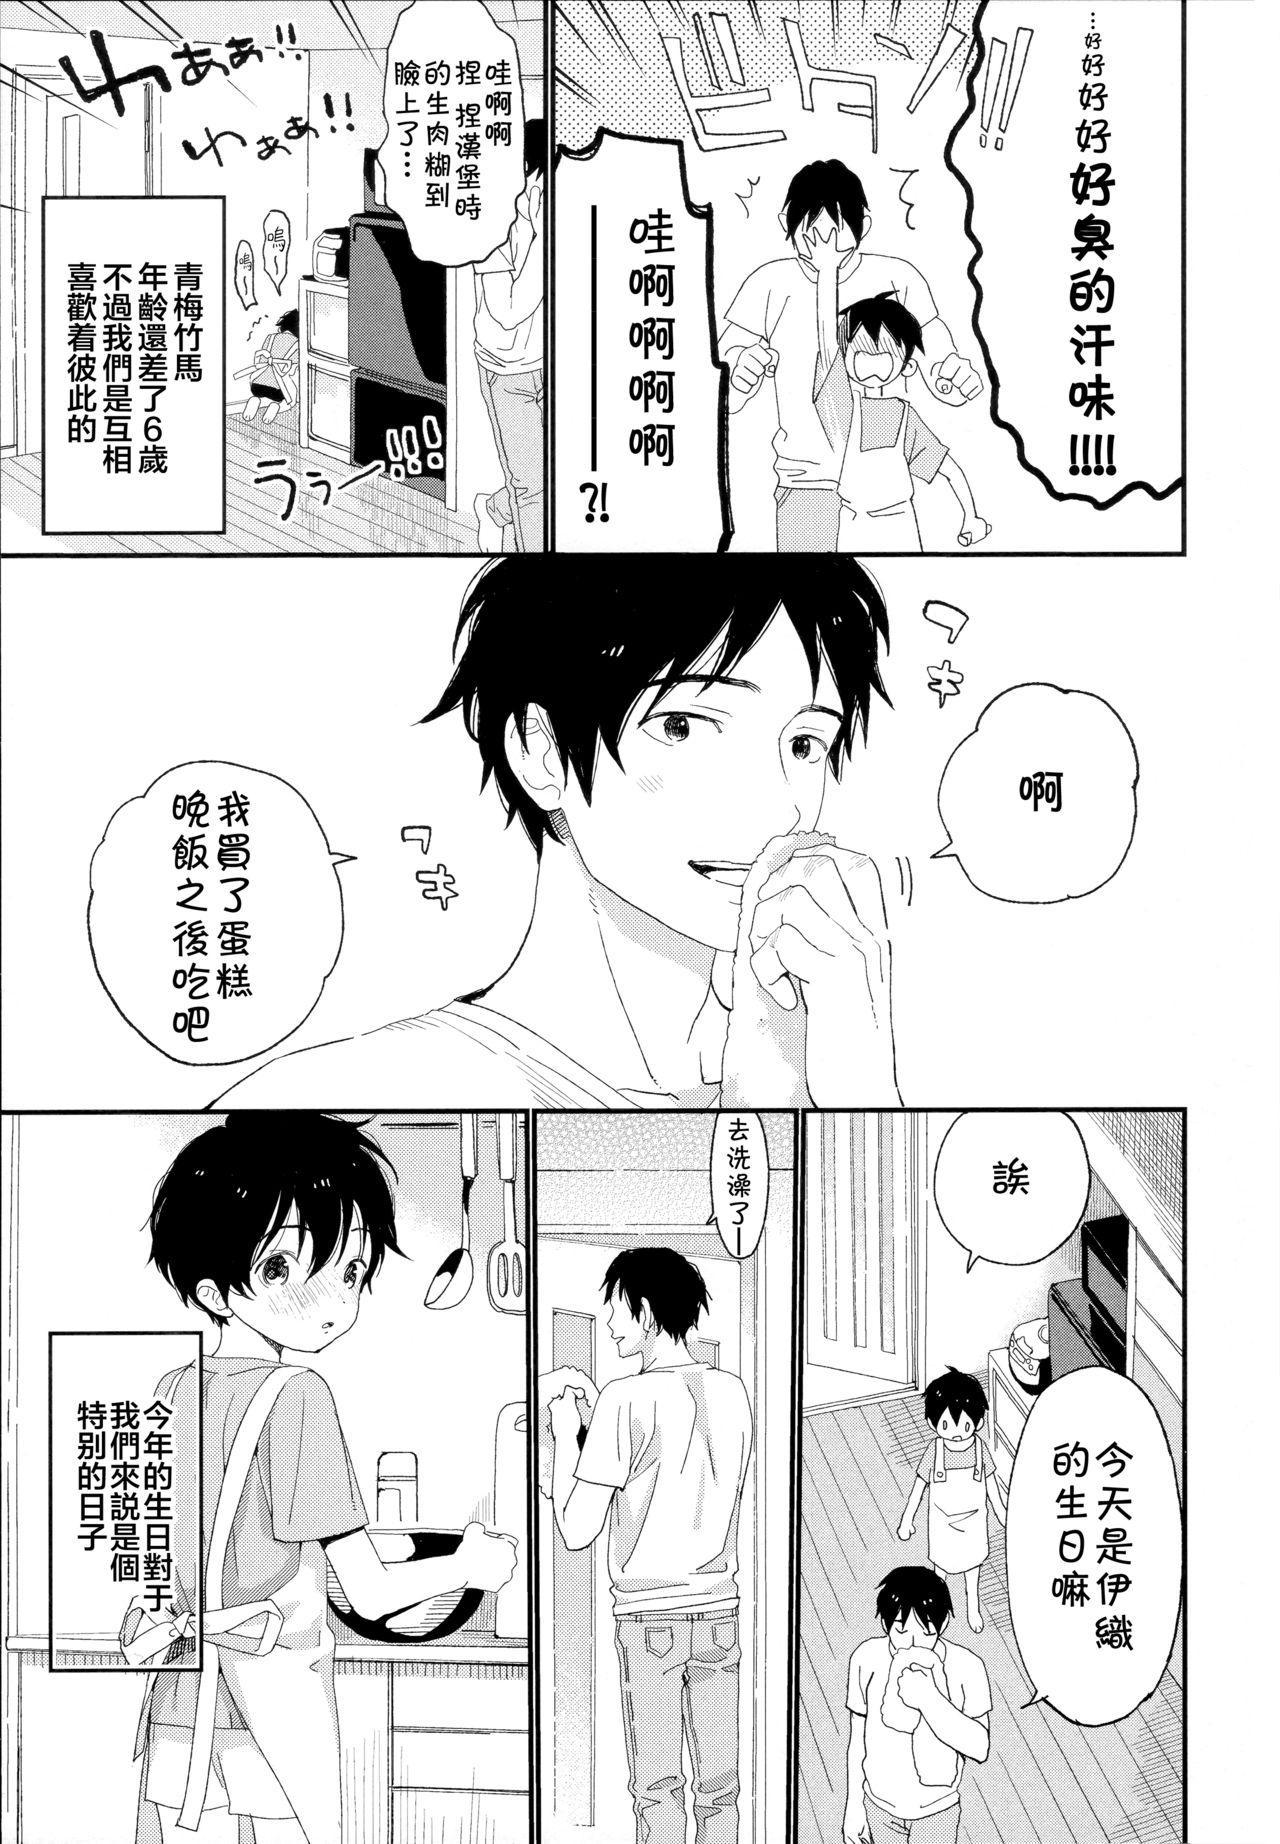 Shuumatsu wa Ojama Shitemasu 6